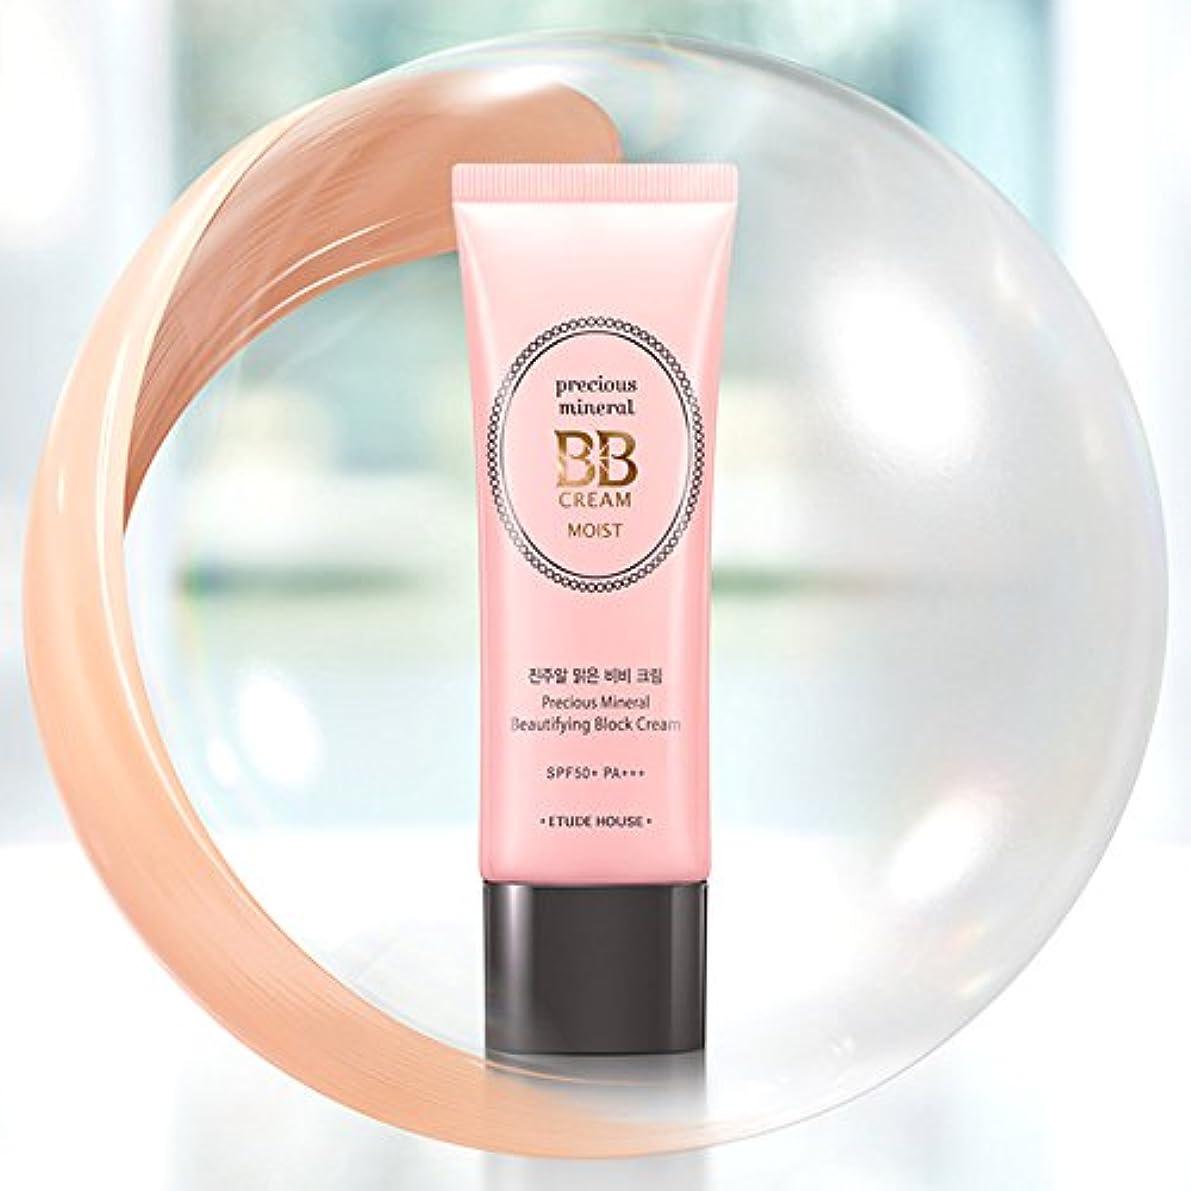 才能リフト有効化ETUDE HOUSE Precious Mineral BB Cream Moist [ Beige] SPF50+ PA+++ エチュードハウス プレシャスミネラルBBクリーム モイスト [ベージュ] SPF50 +...